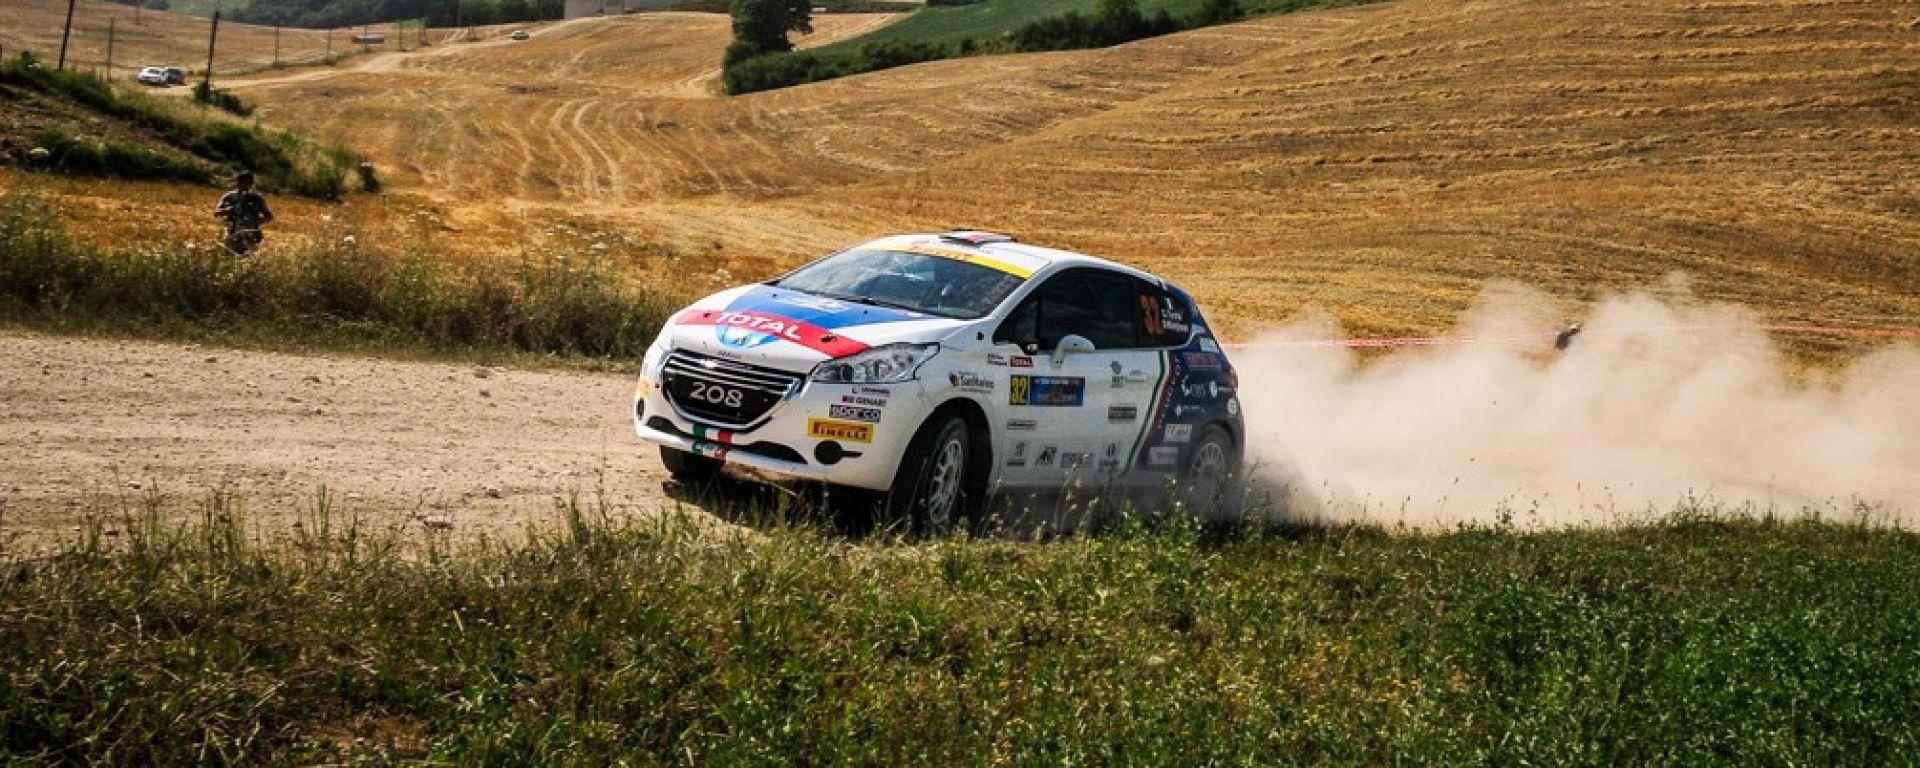 CIR 2016: 1° tappa del rally di San Marino. Domina Basso, Andreucci out